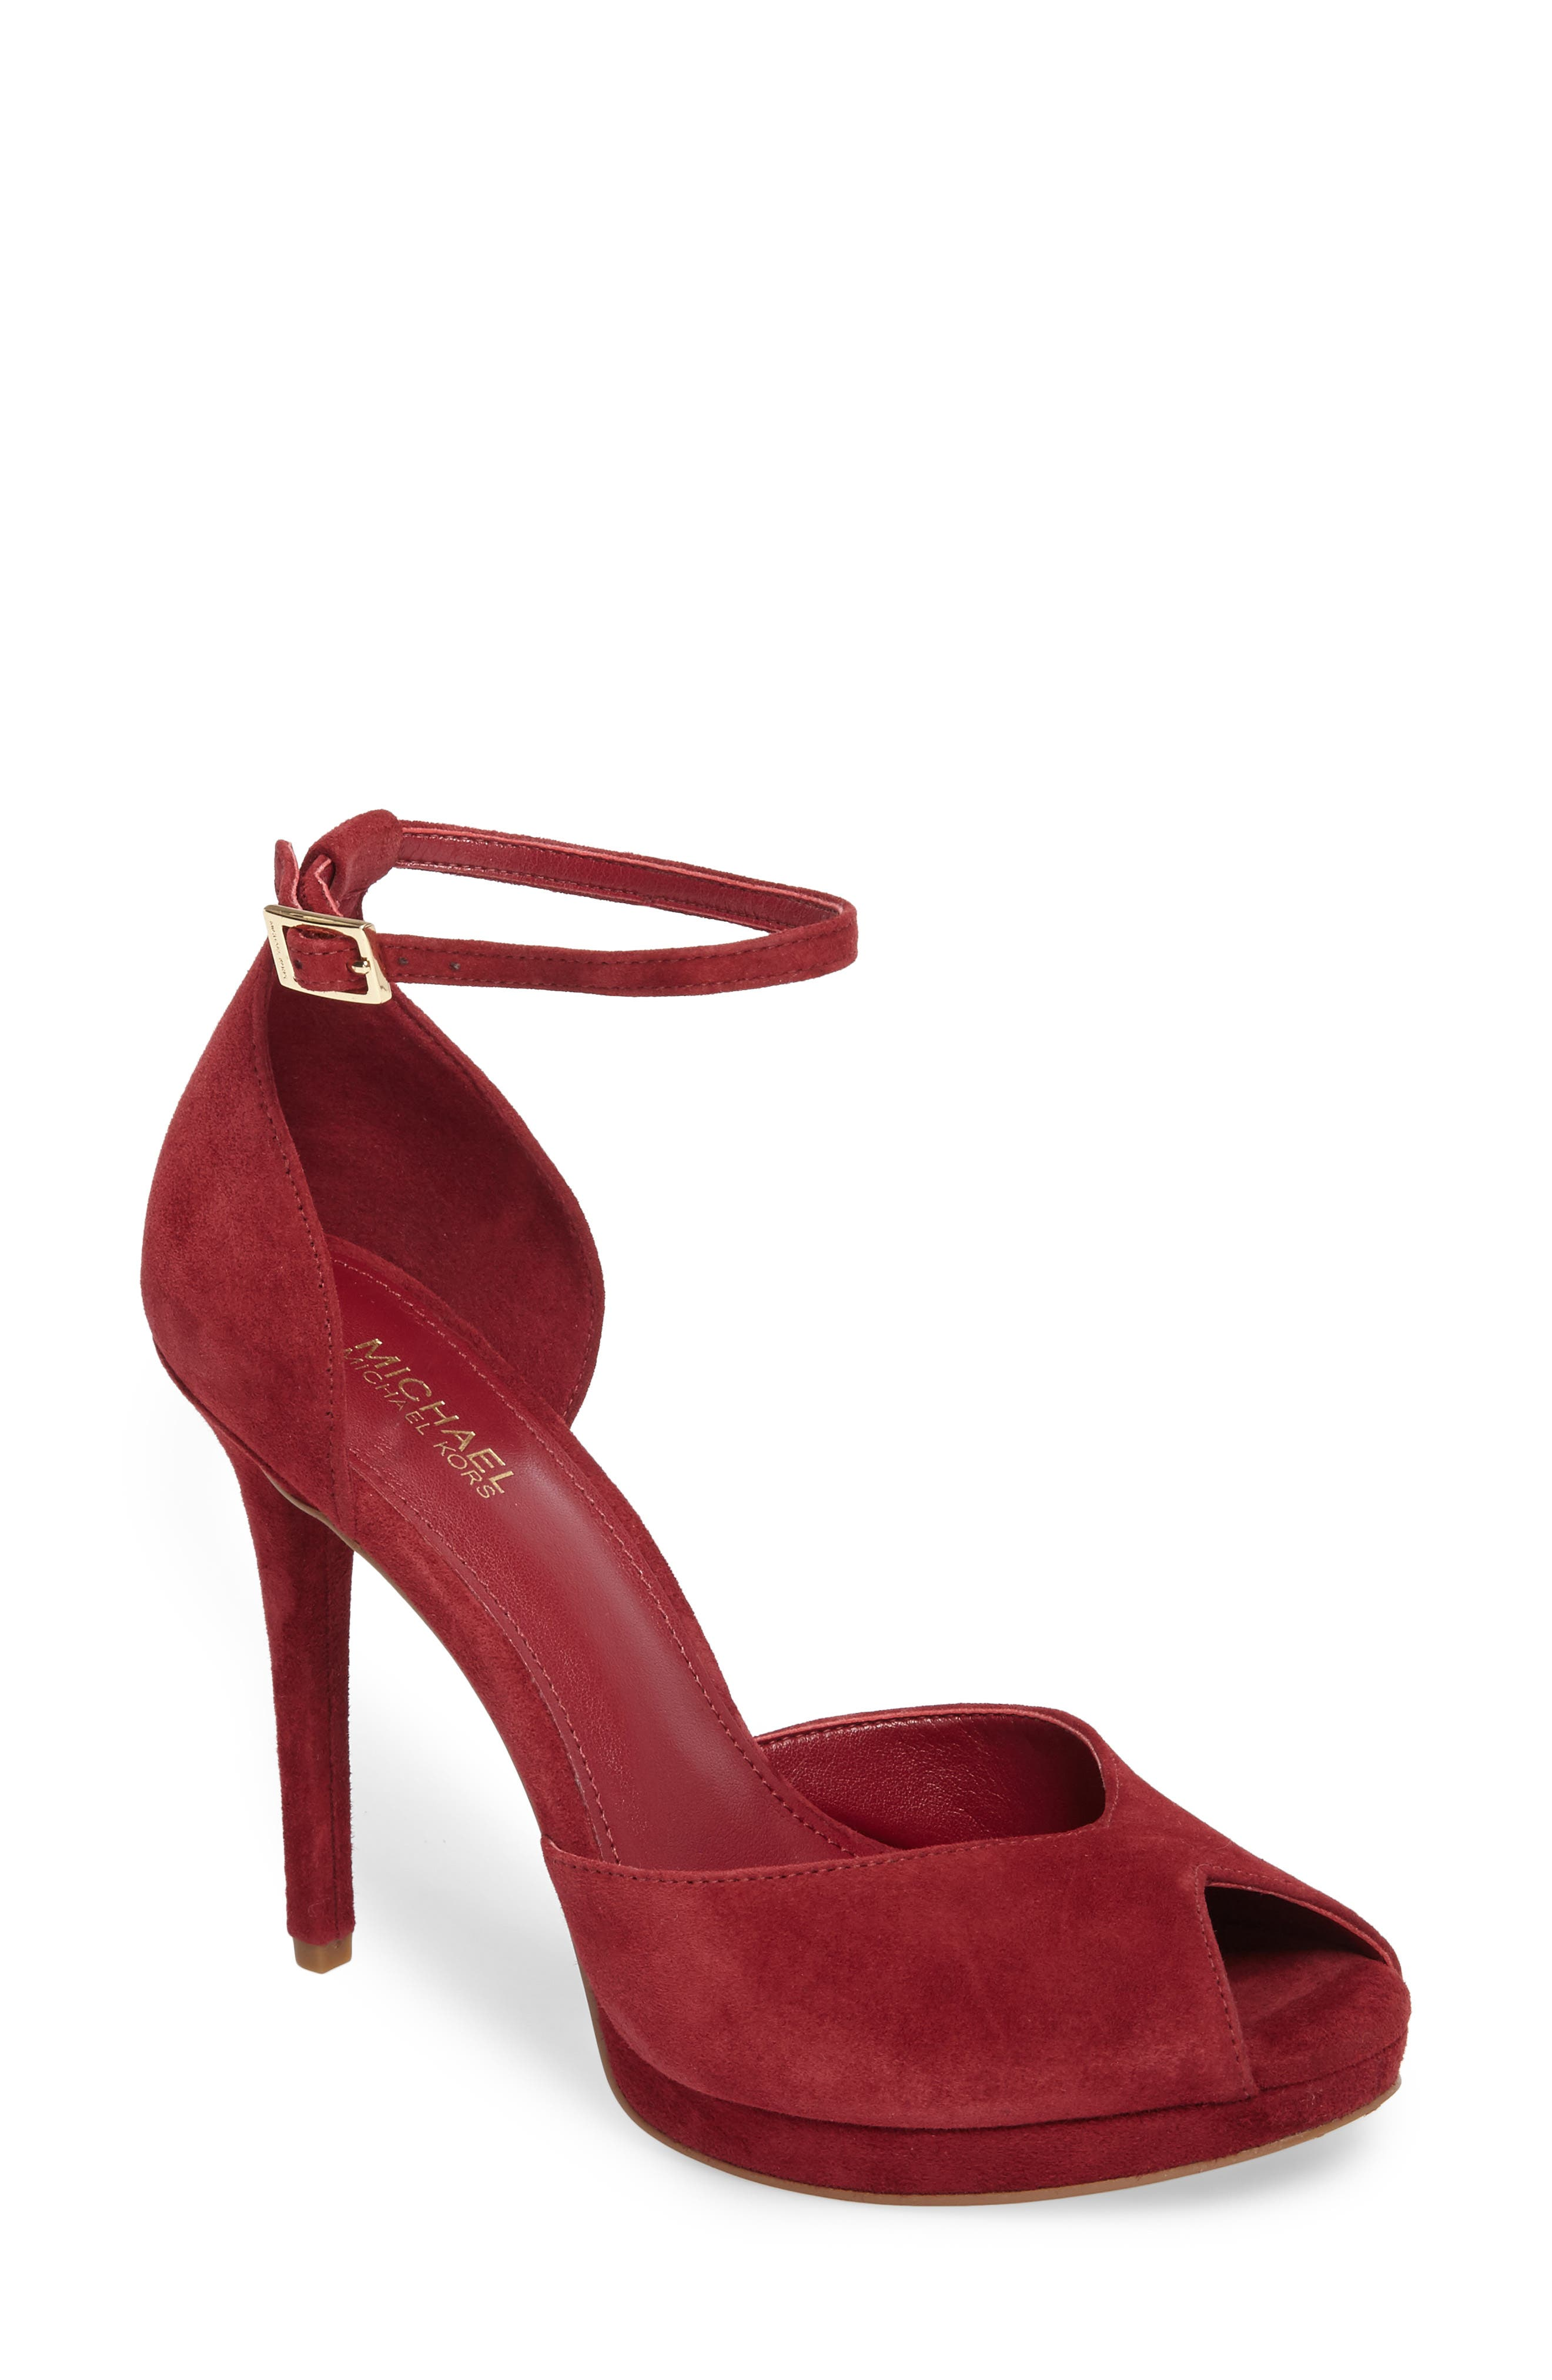 Main Image - MICHAEL Michael Kors Tiegan Sandal (Women)